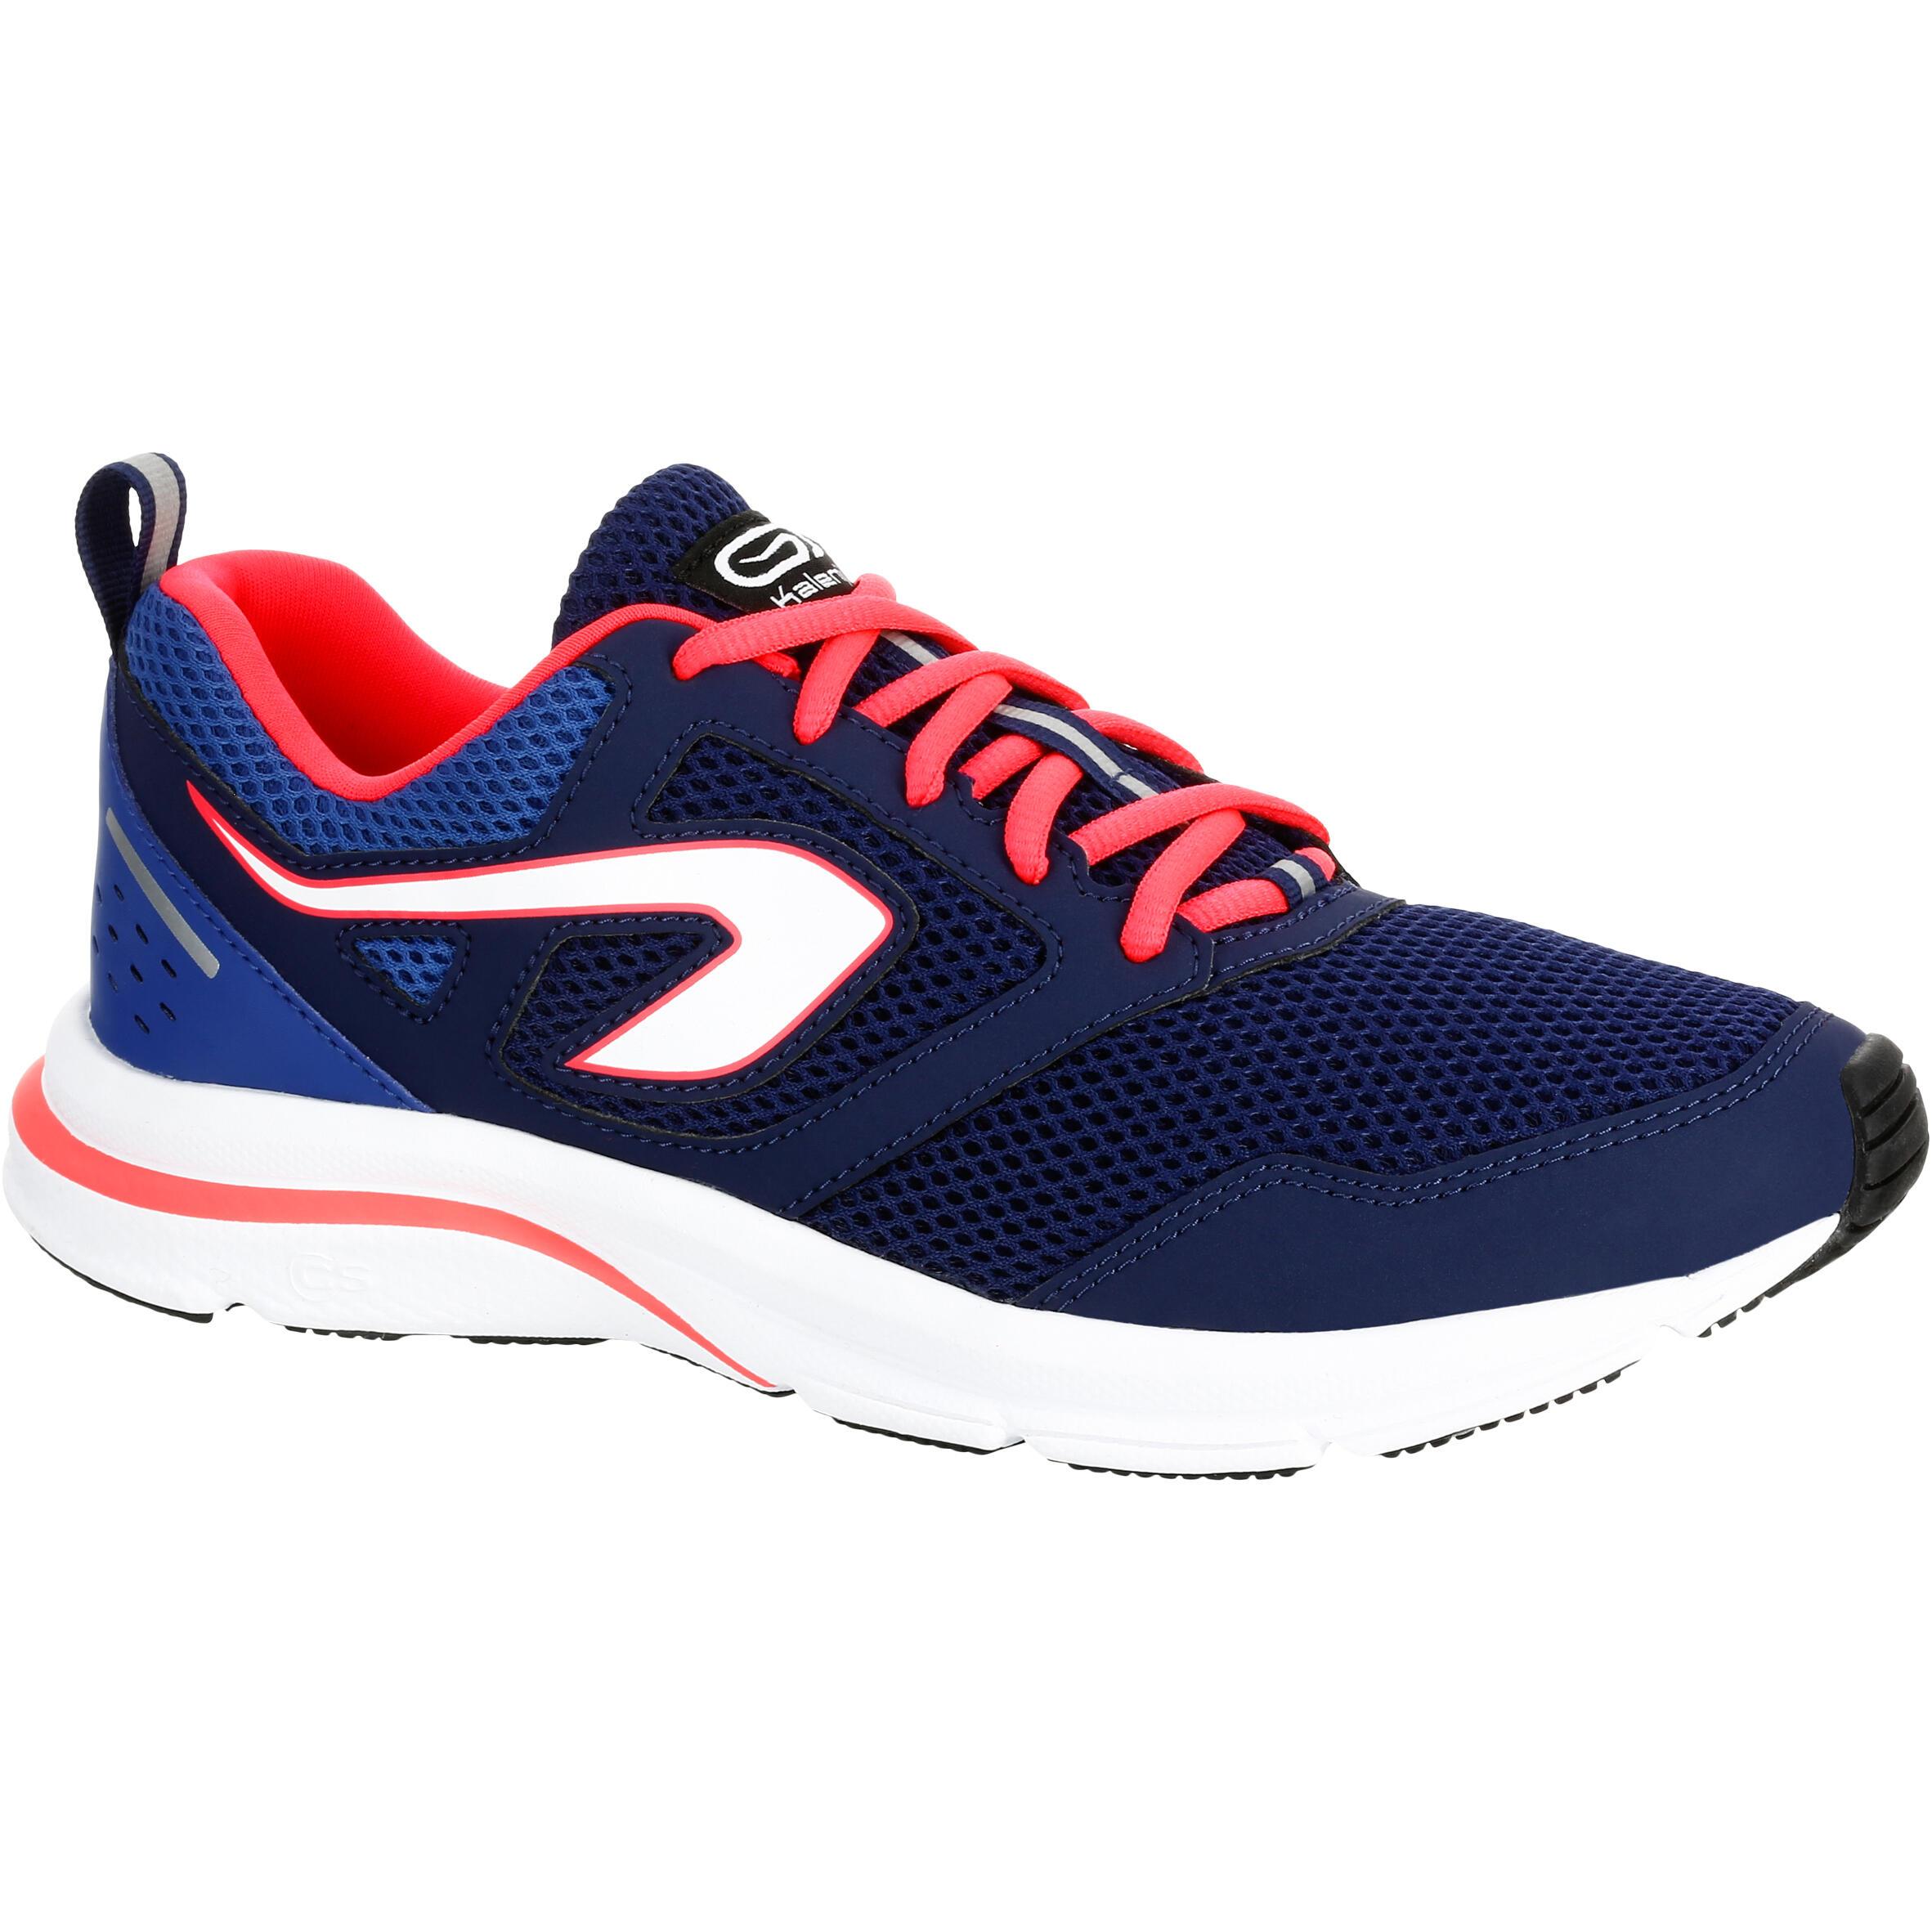 b2d78bf1408 Kalenji Joggingschoenen voor dames Run Active diva blauw 2505049 Alles voor  het hardlopen Hardlopen